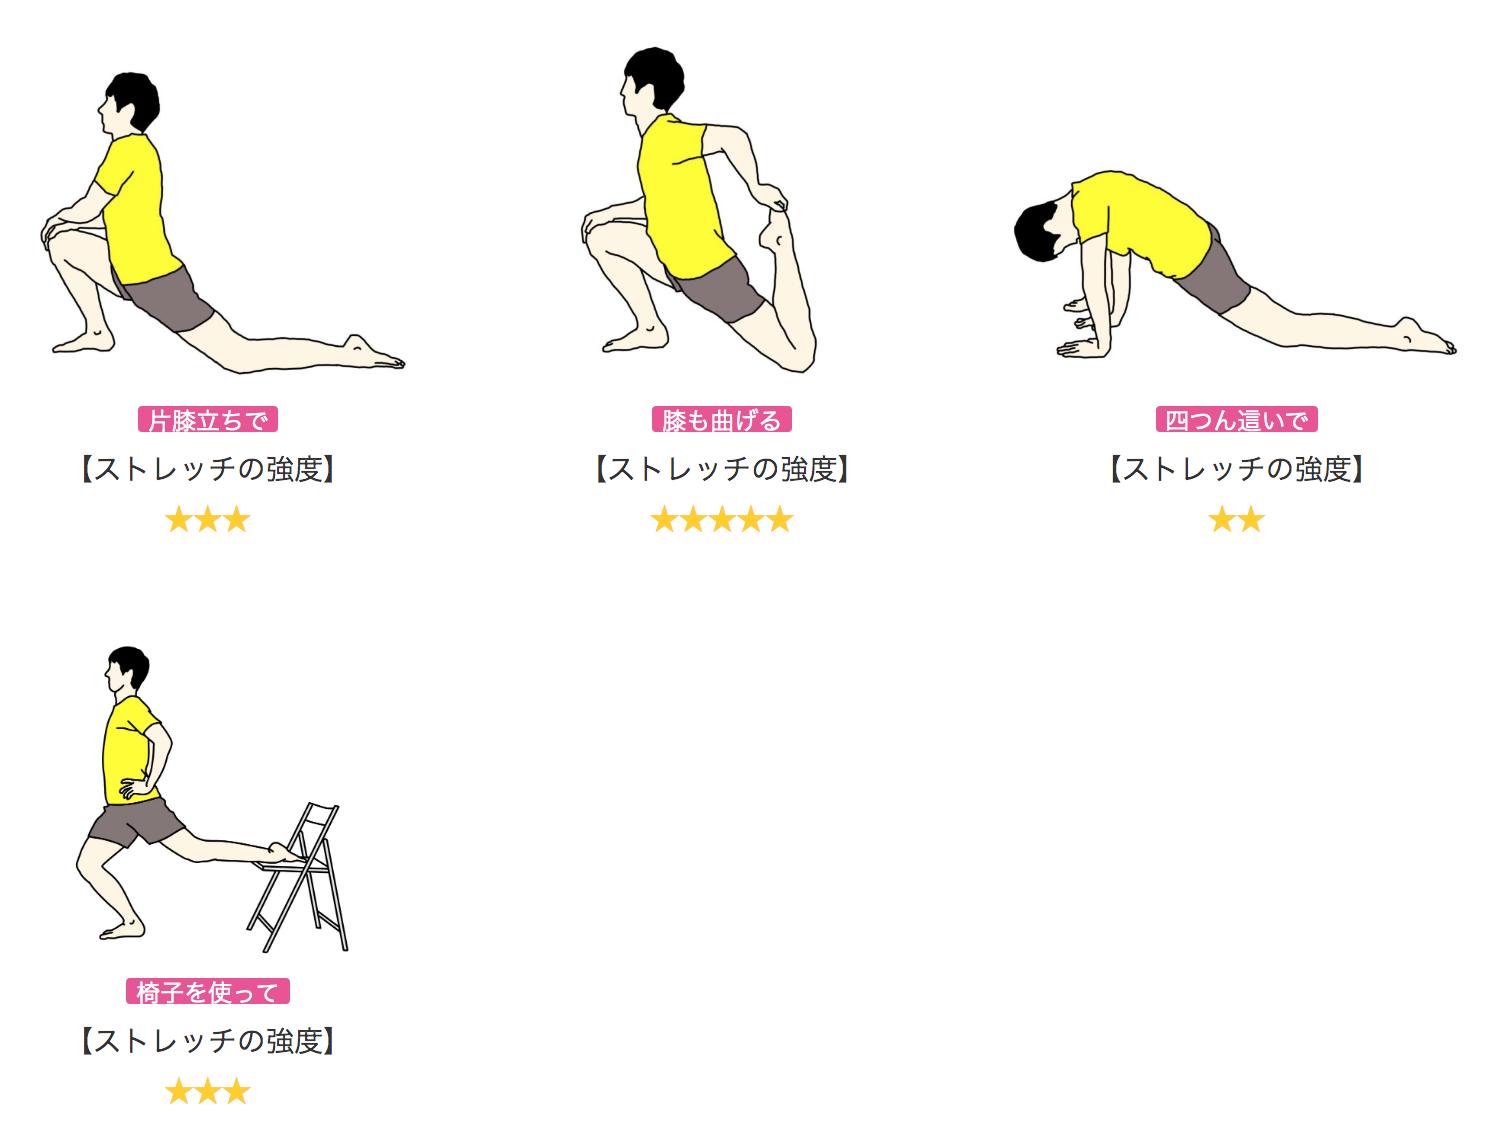 もも前〜骨盤前(腸腰筋・大腿直筋)のストレッチ一覧